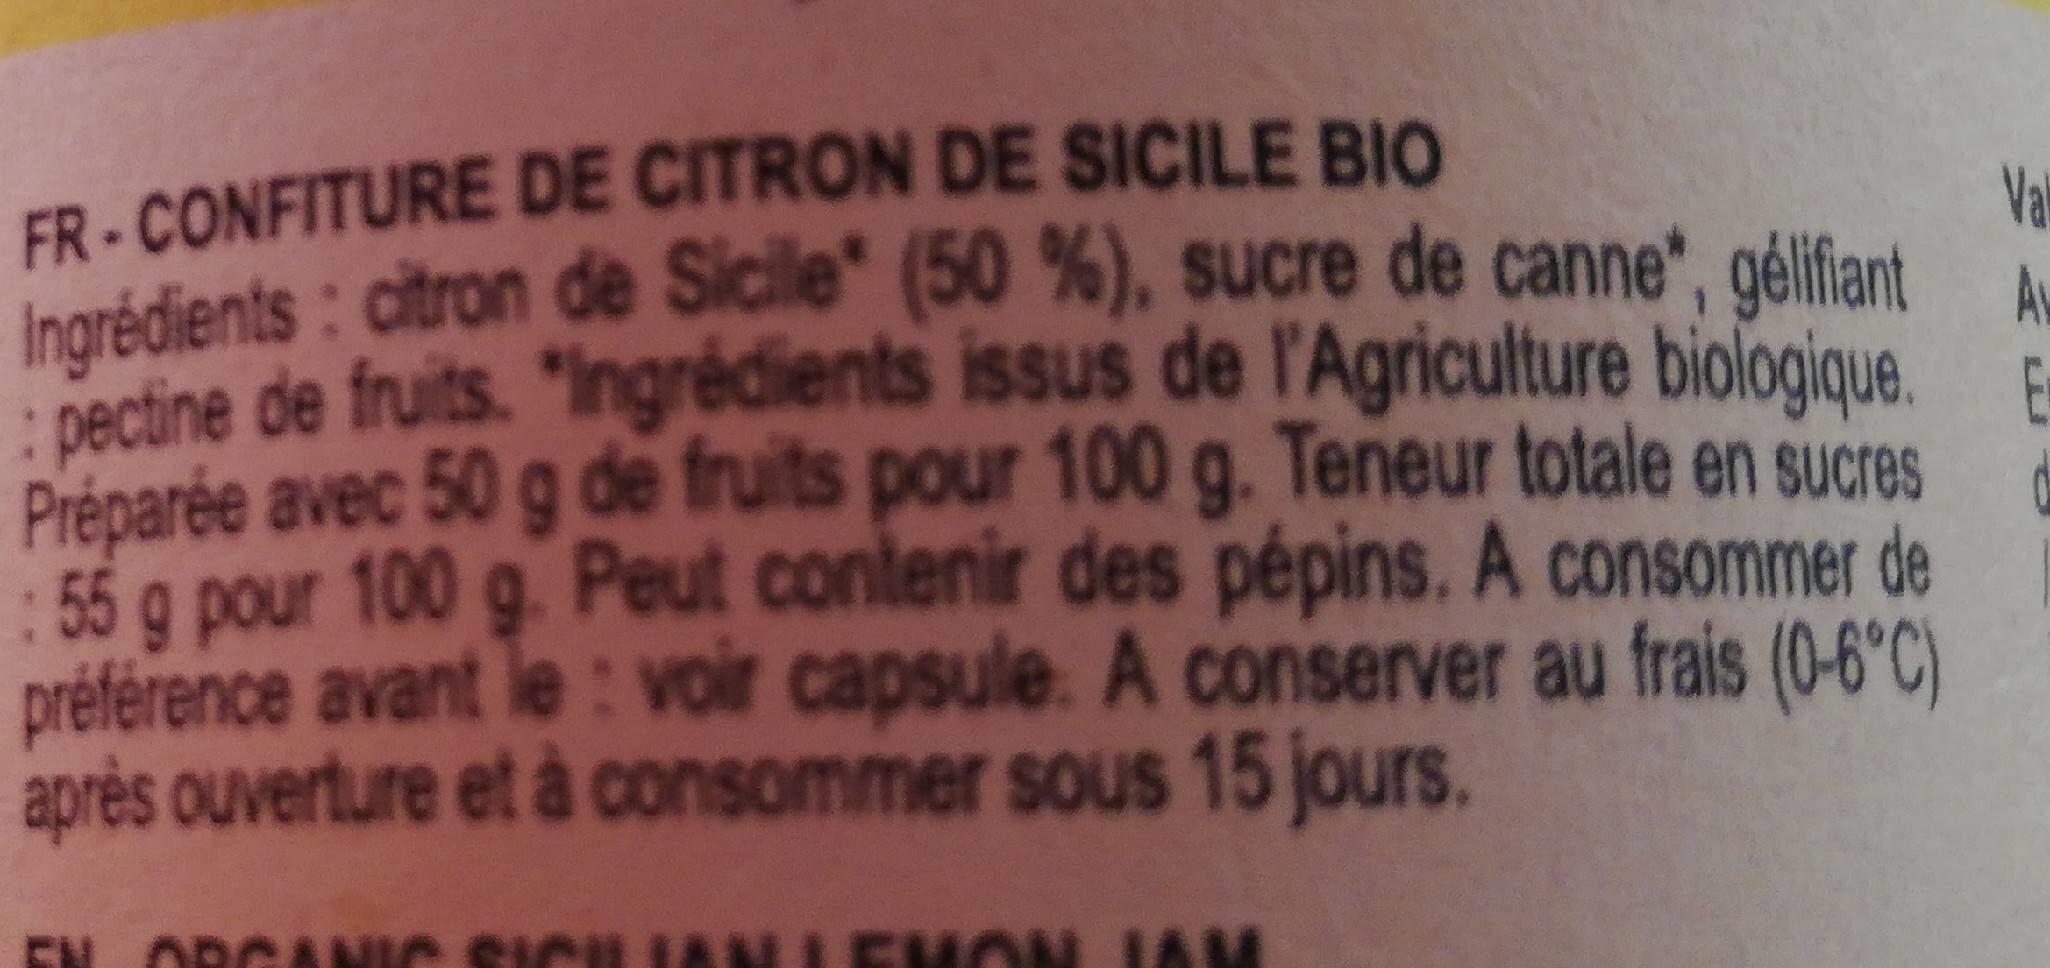 confiture extra citron de Sicile - Ingredients